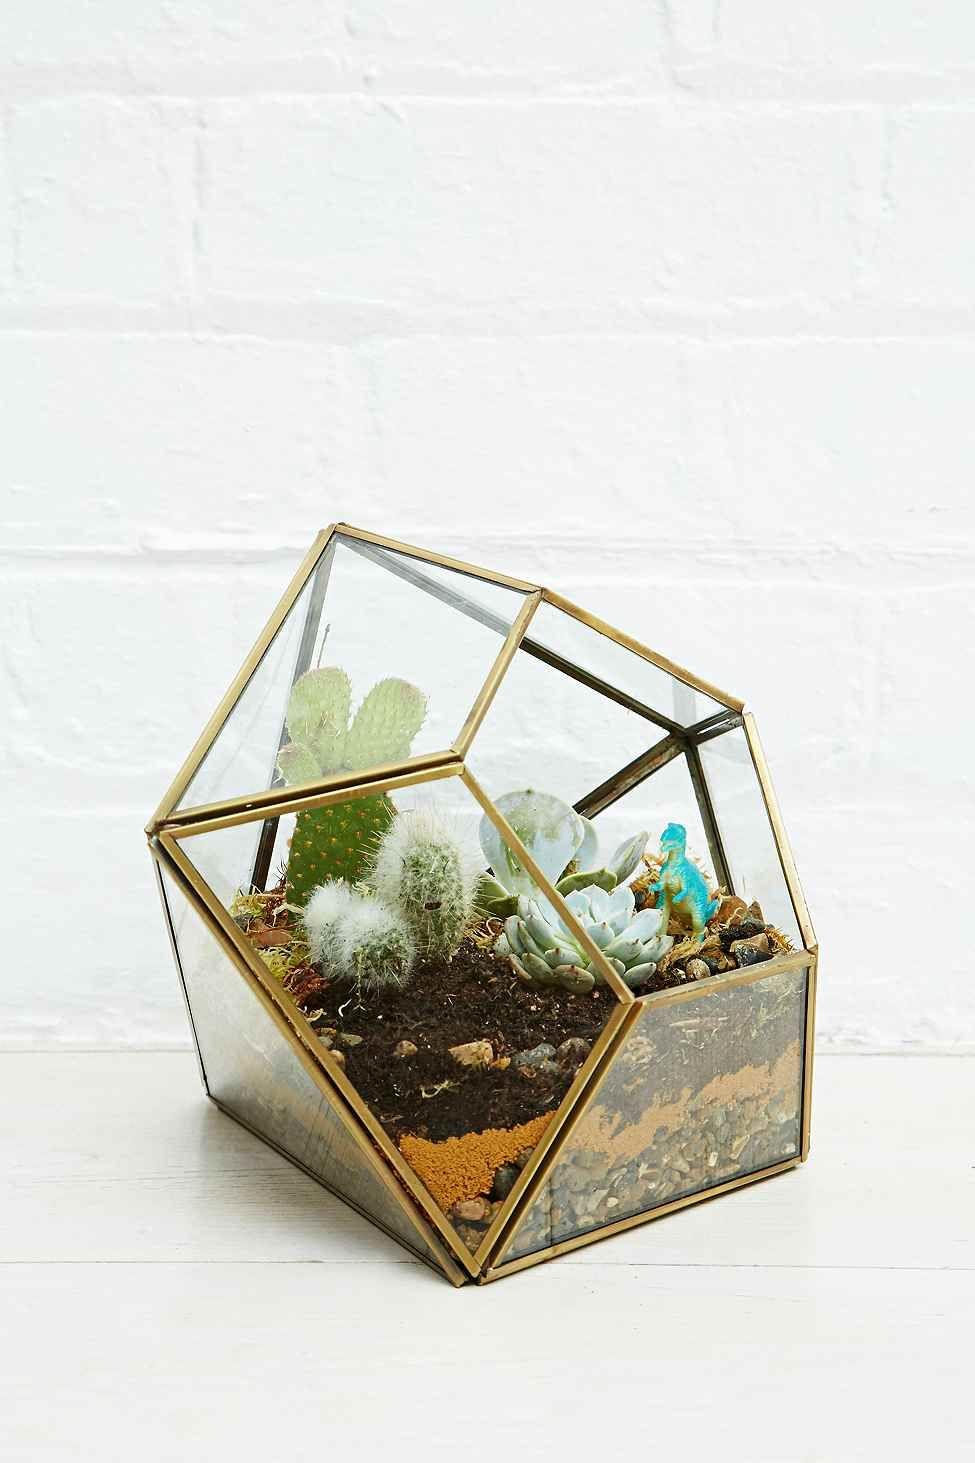 jardini res suspendre et terrariums vintages pour plantes d 39 int rieurs terrarium terrariums. Black Bedroom Furniture Sets. Home Design Ideas